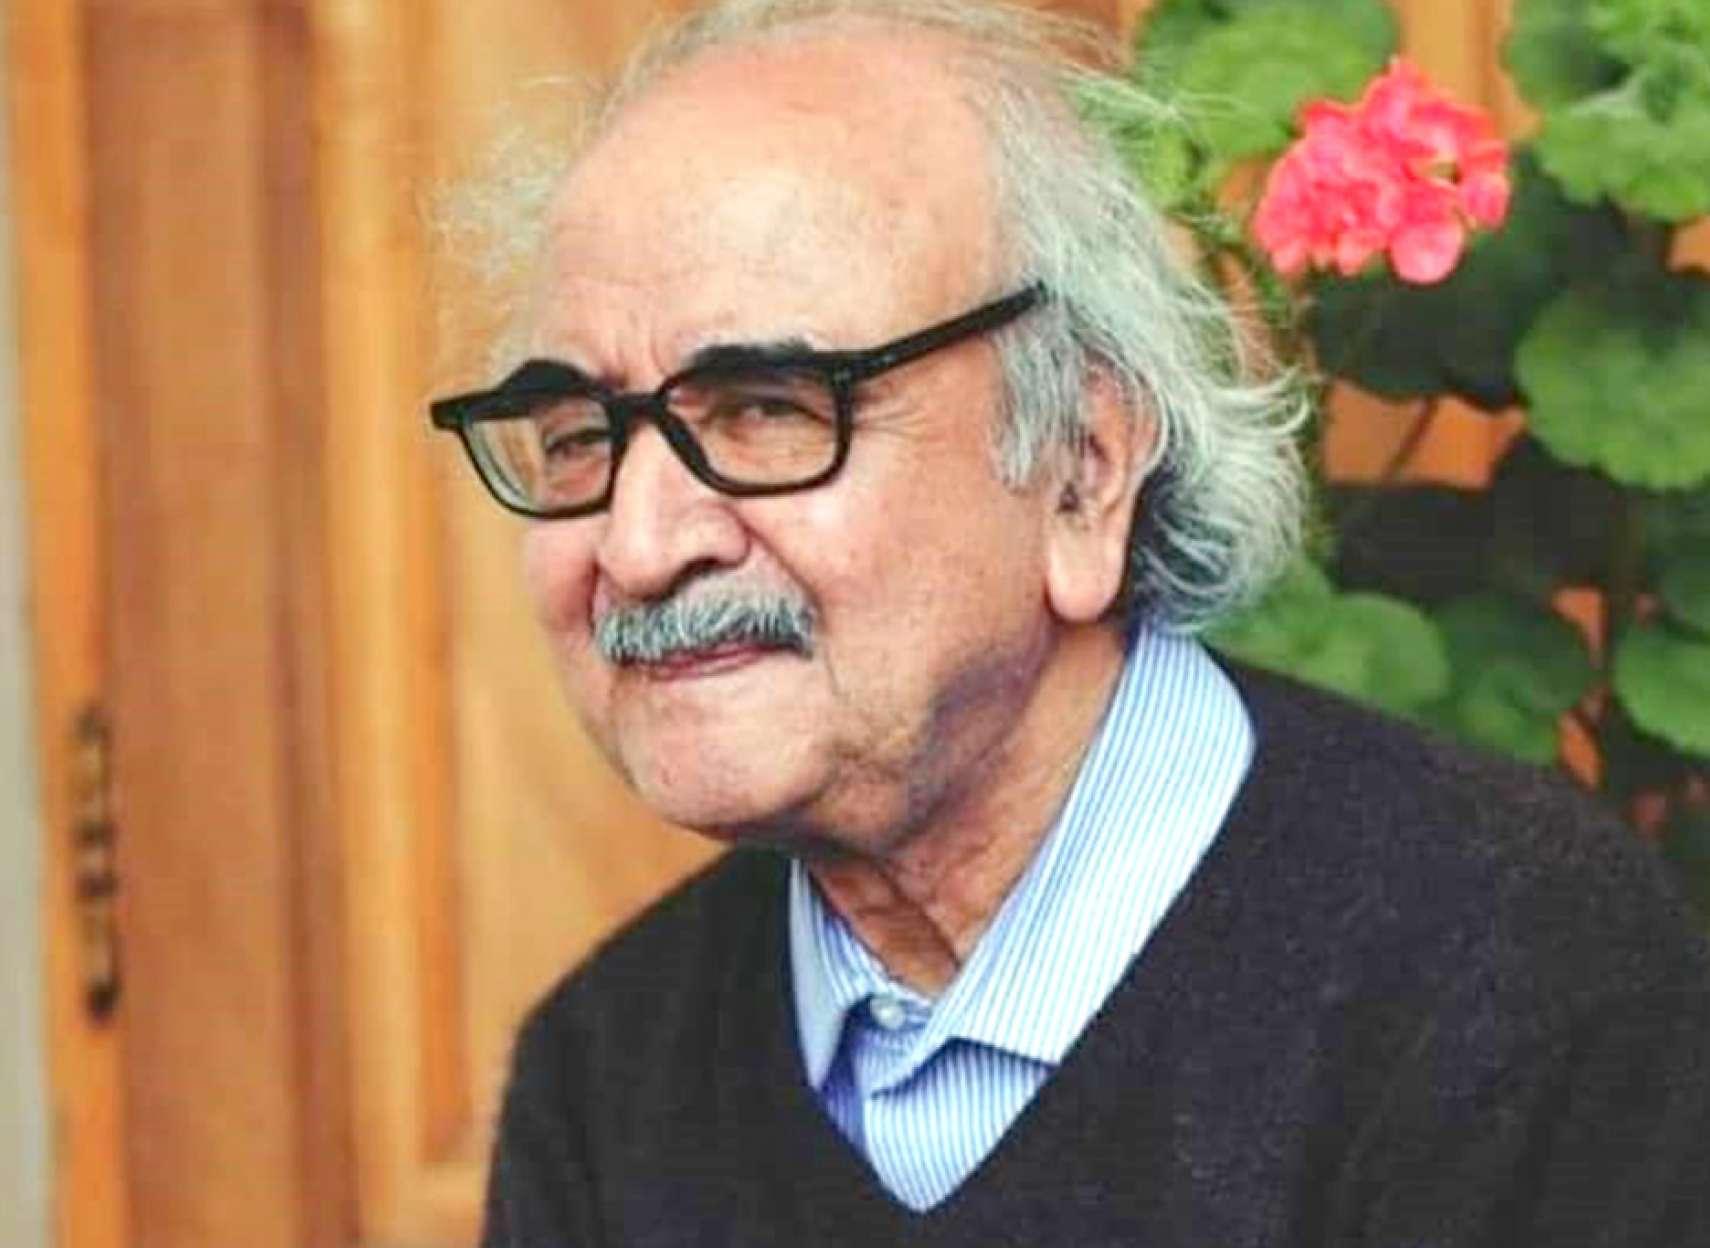 ادبیات-گلمحمدی-پدرخواندگی-در-ادبیات-فارسی